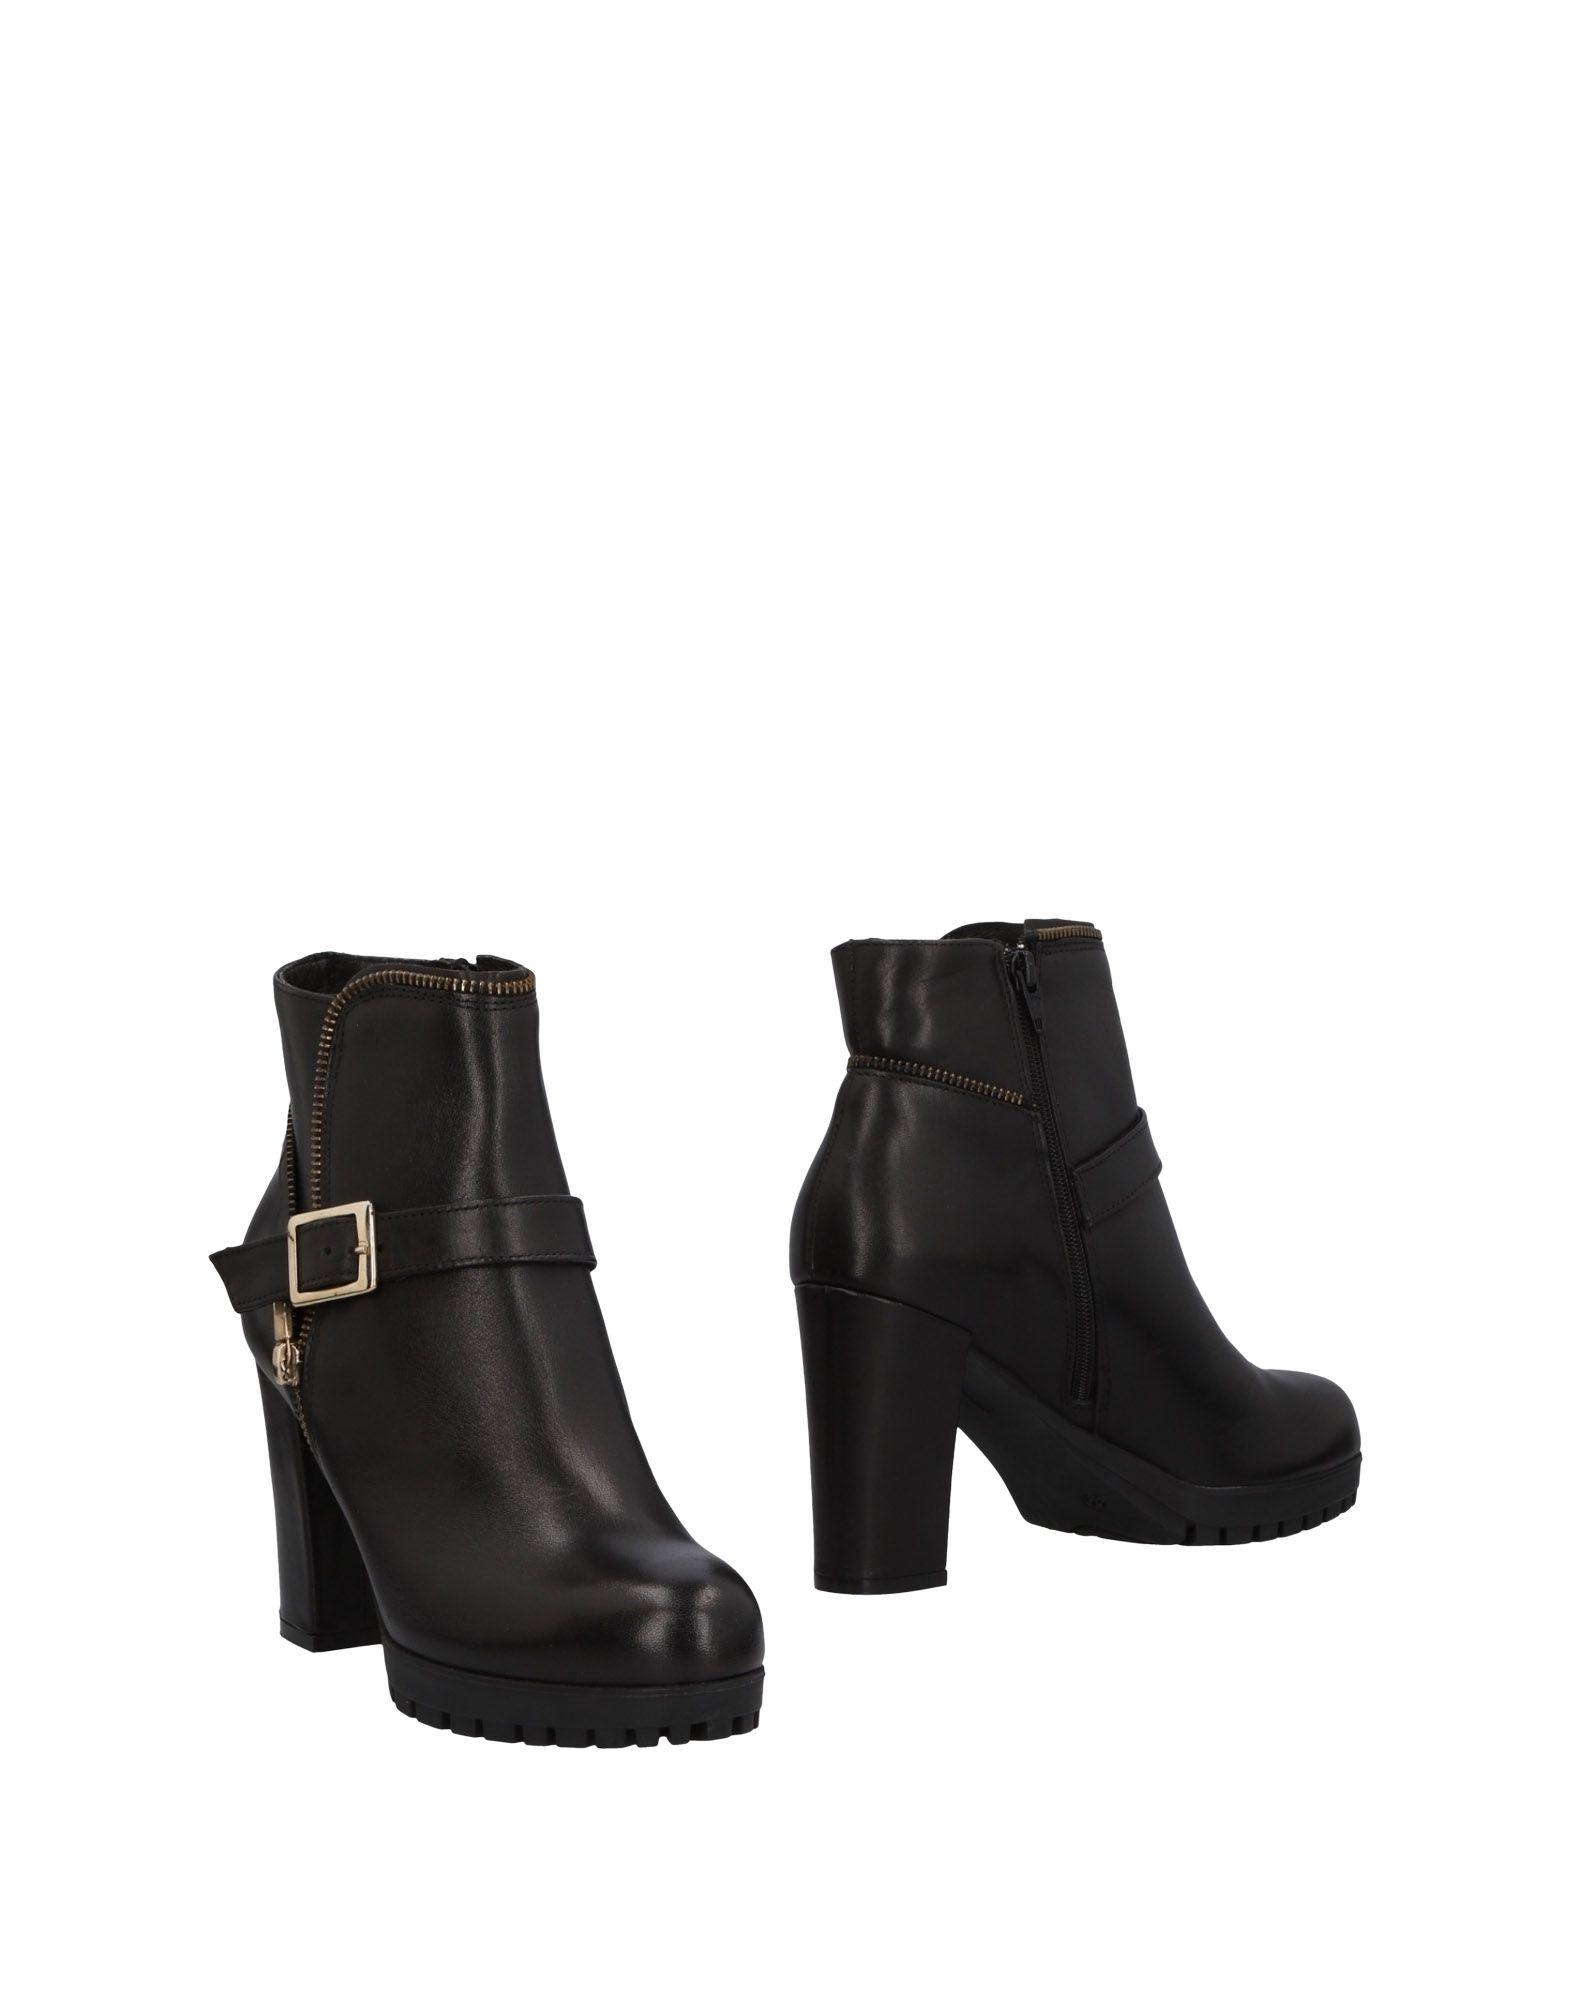 Samsonite Stiefelette Qualität Damen  11469658BE Gute Qualität Stiefelette beliebte Schuhe 44b4dd